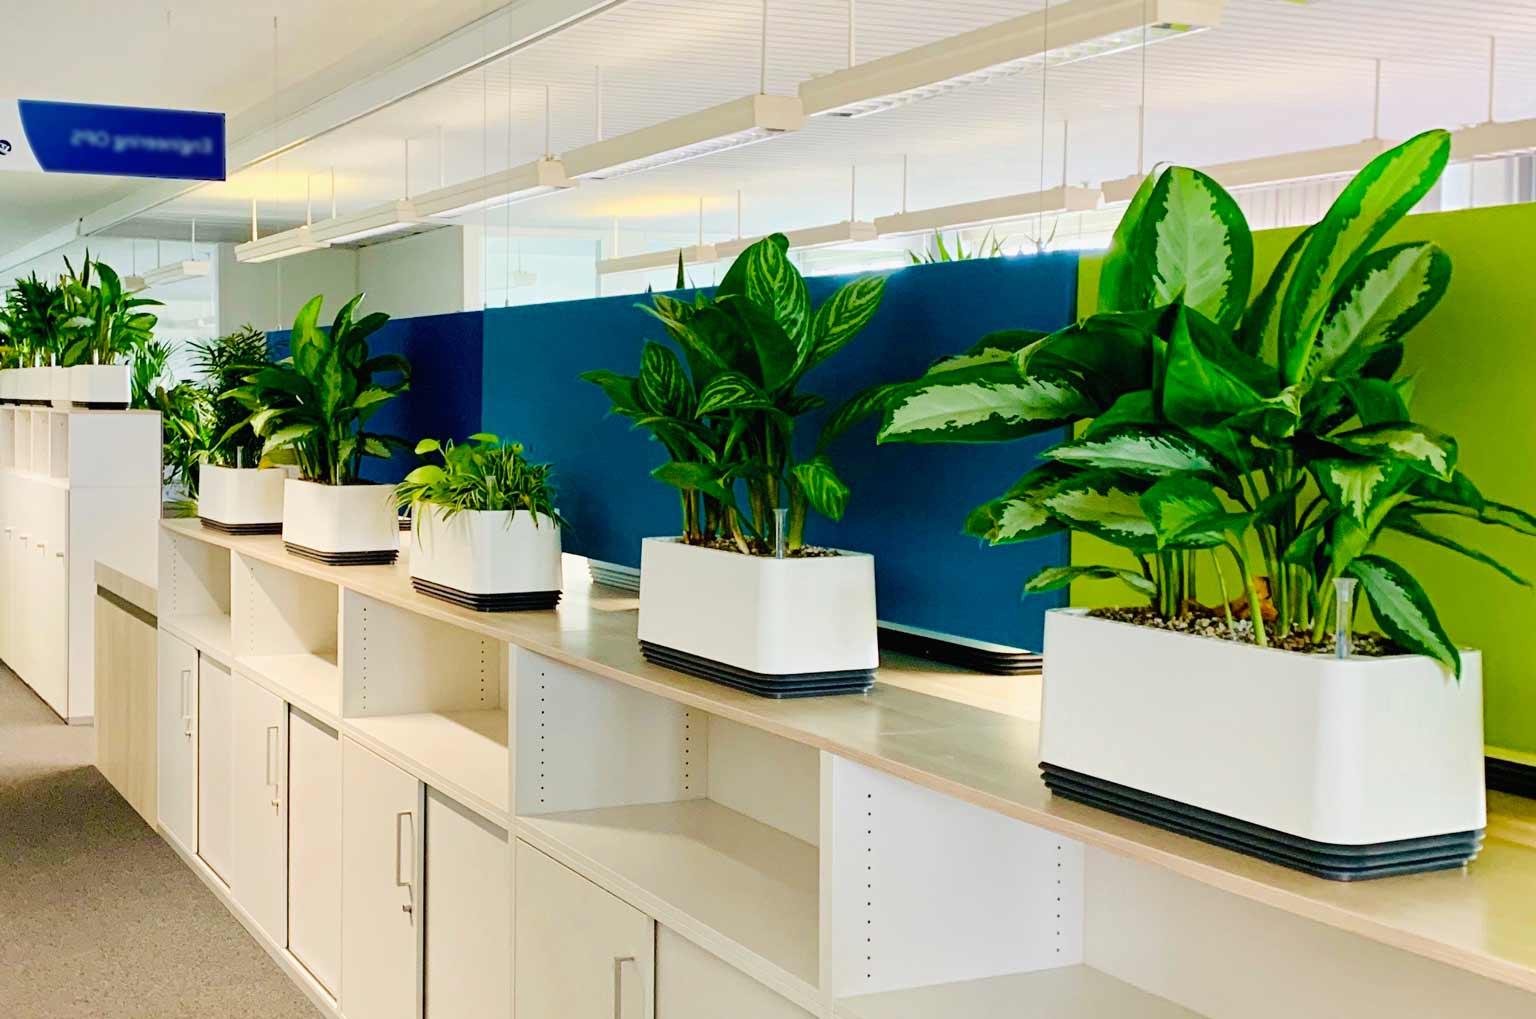 Saubere Luft im Büro. Airy Biofilter und Pflanzen